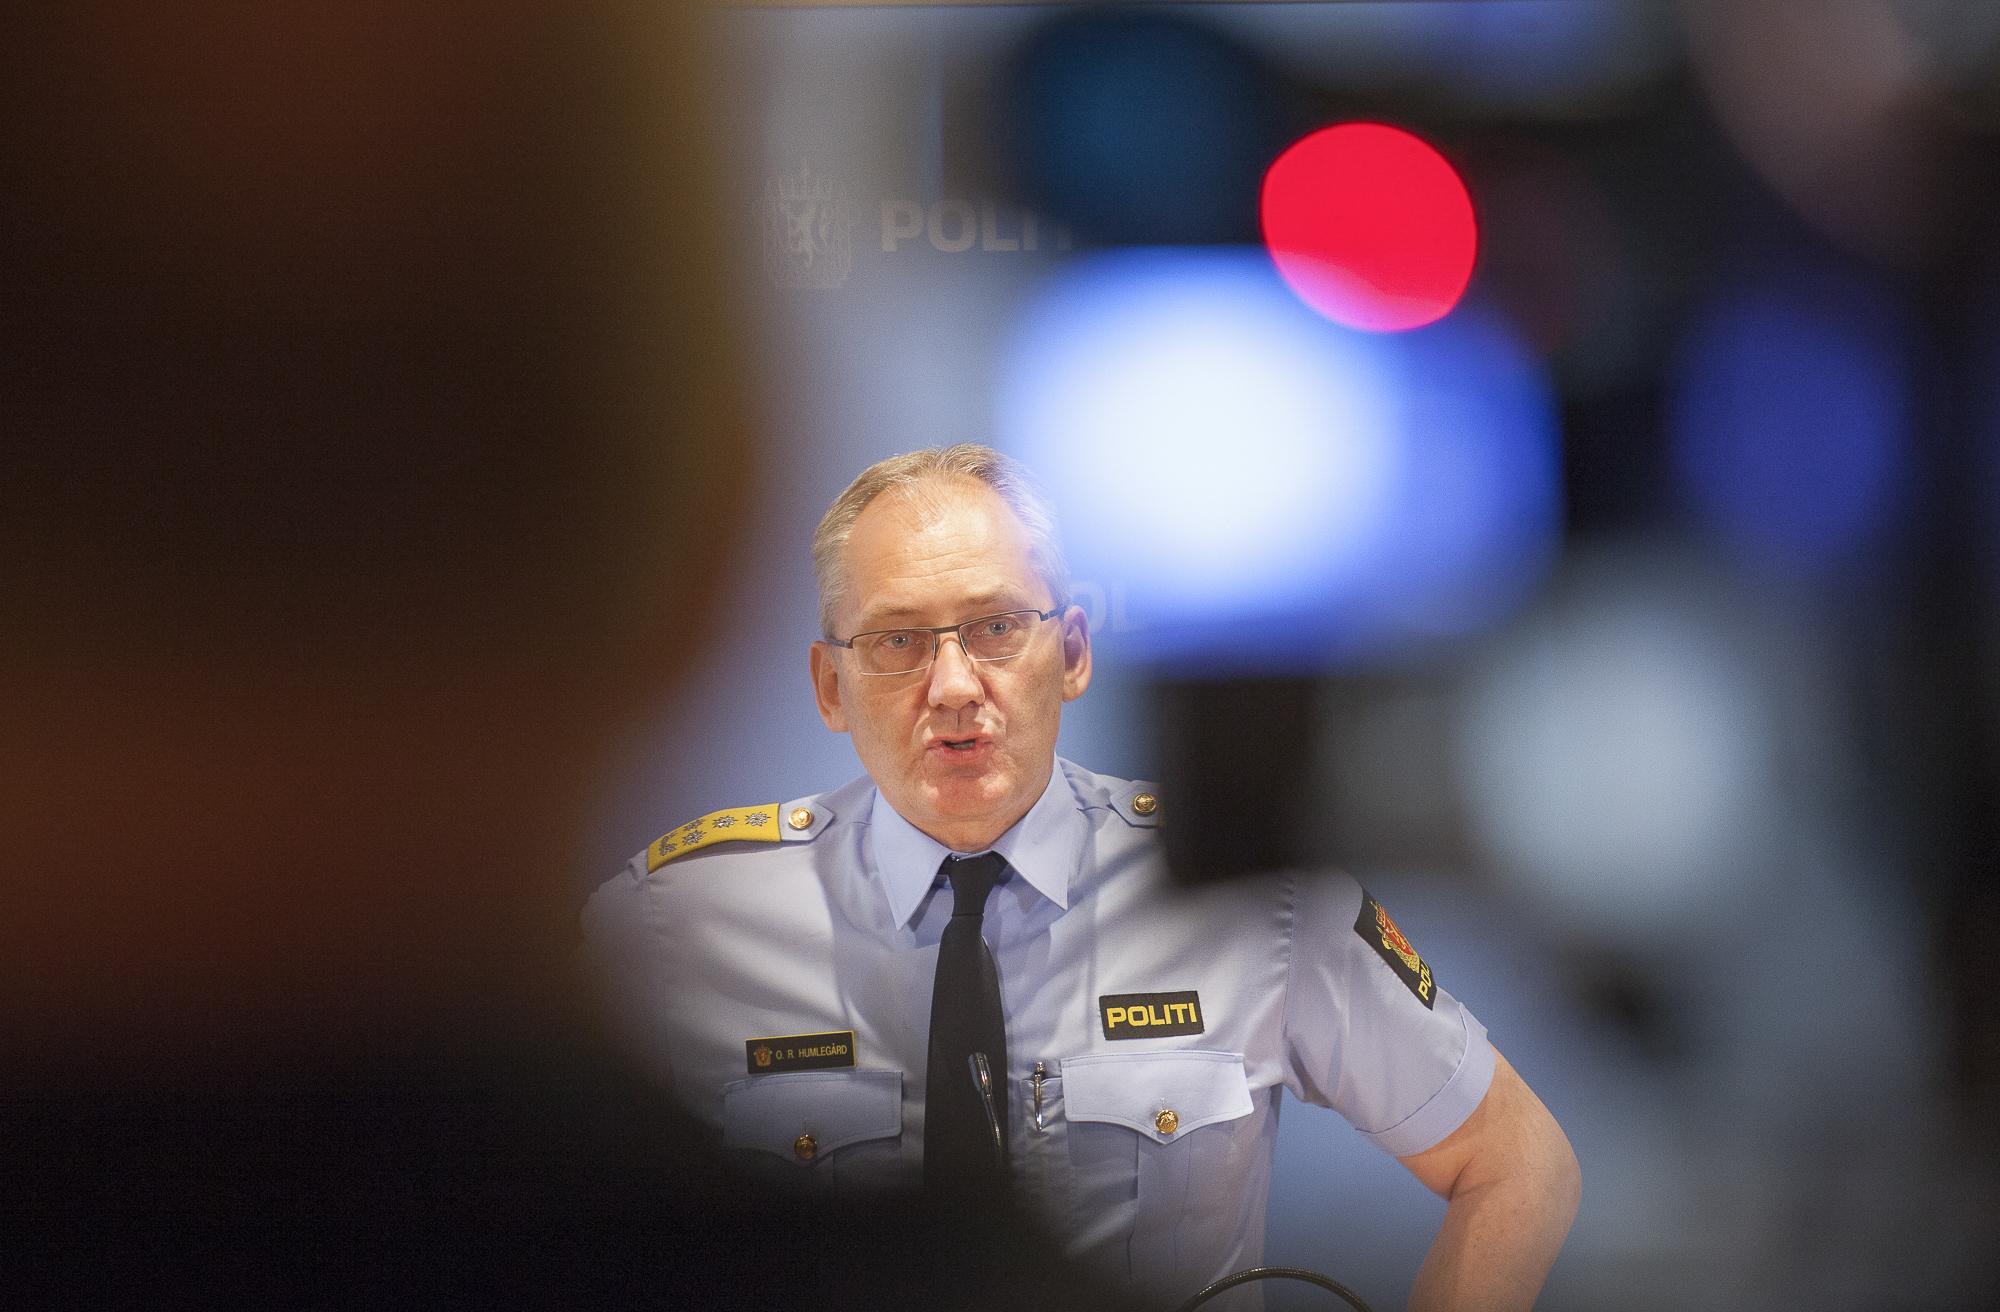 Police director Odd Reidar Humlegård